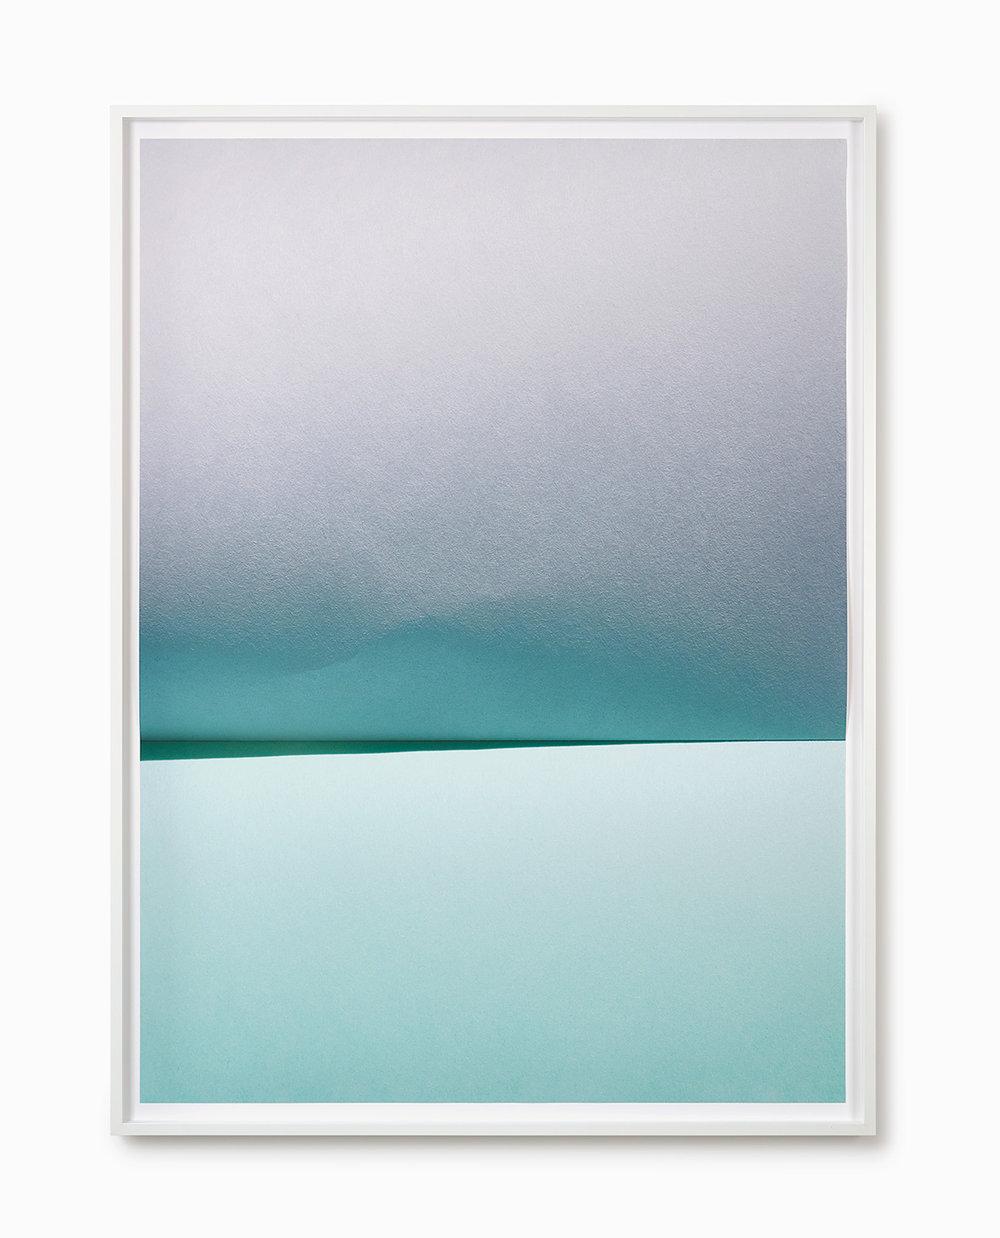 Johanna von Monkiewitsch untitled (15.4.2015 / 13:18) 2016 Pigmentdruck auf Hahnemühle, gefalzt und hinter entspiegeltem Glas gerahmt 160 x 116 cm o.R. / 168 x 125 cm m.R.